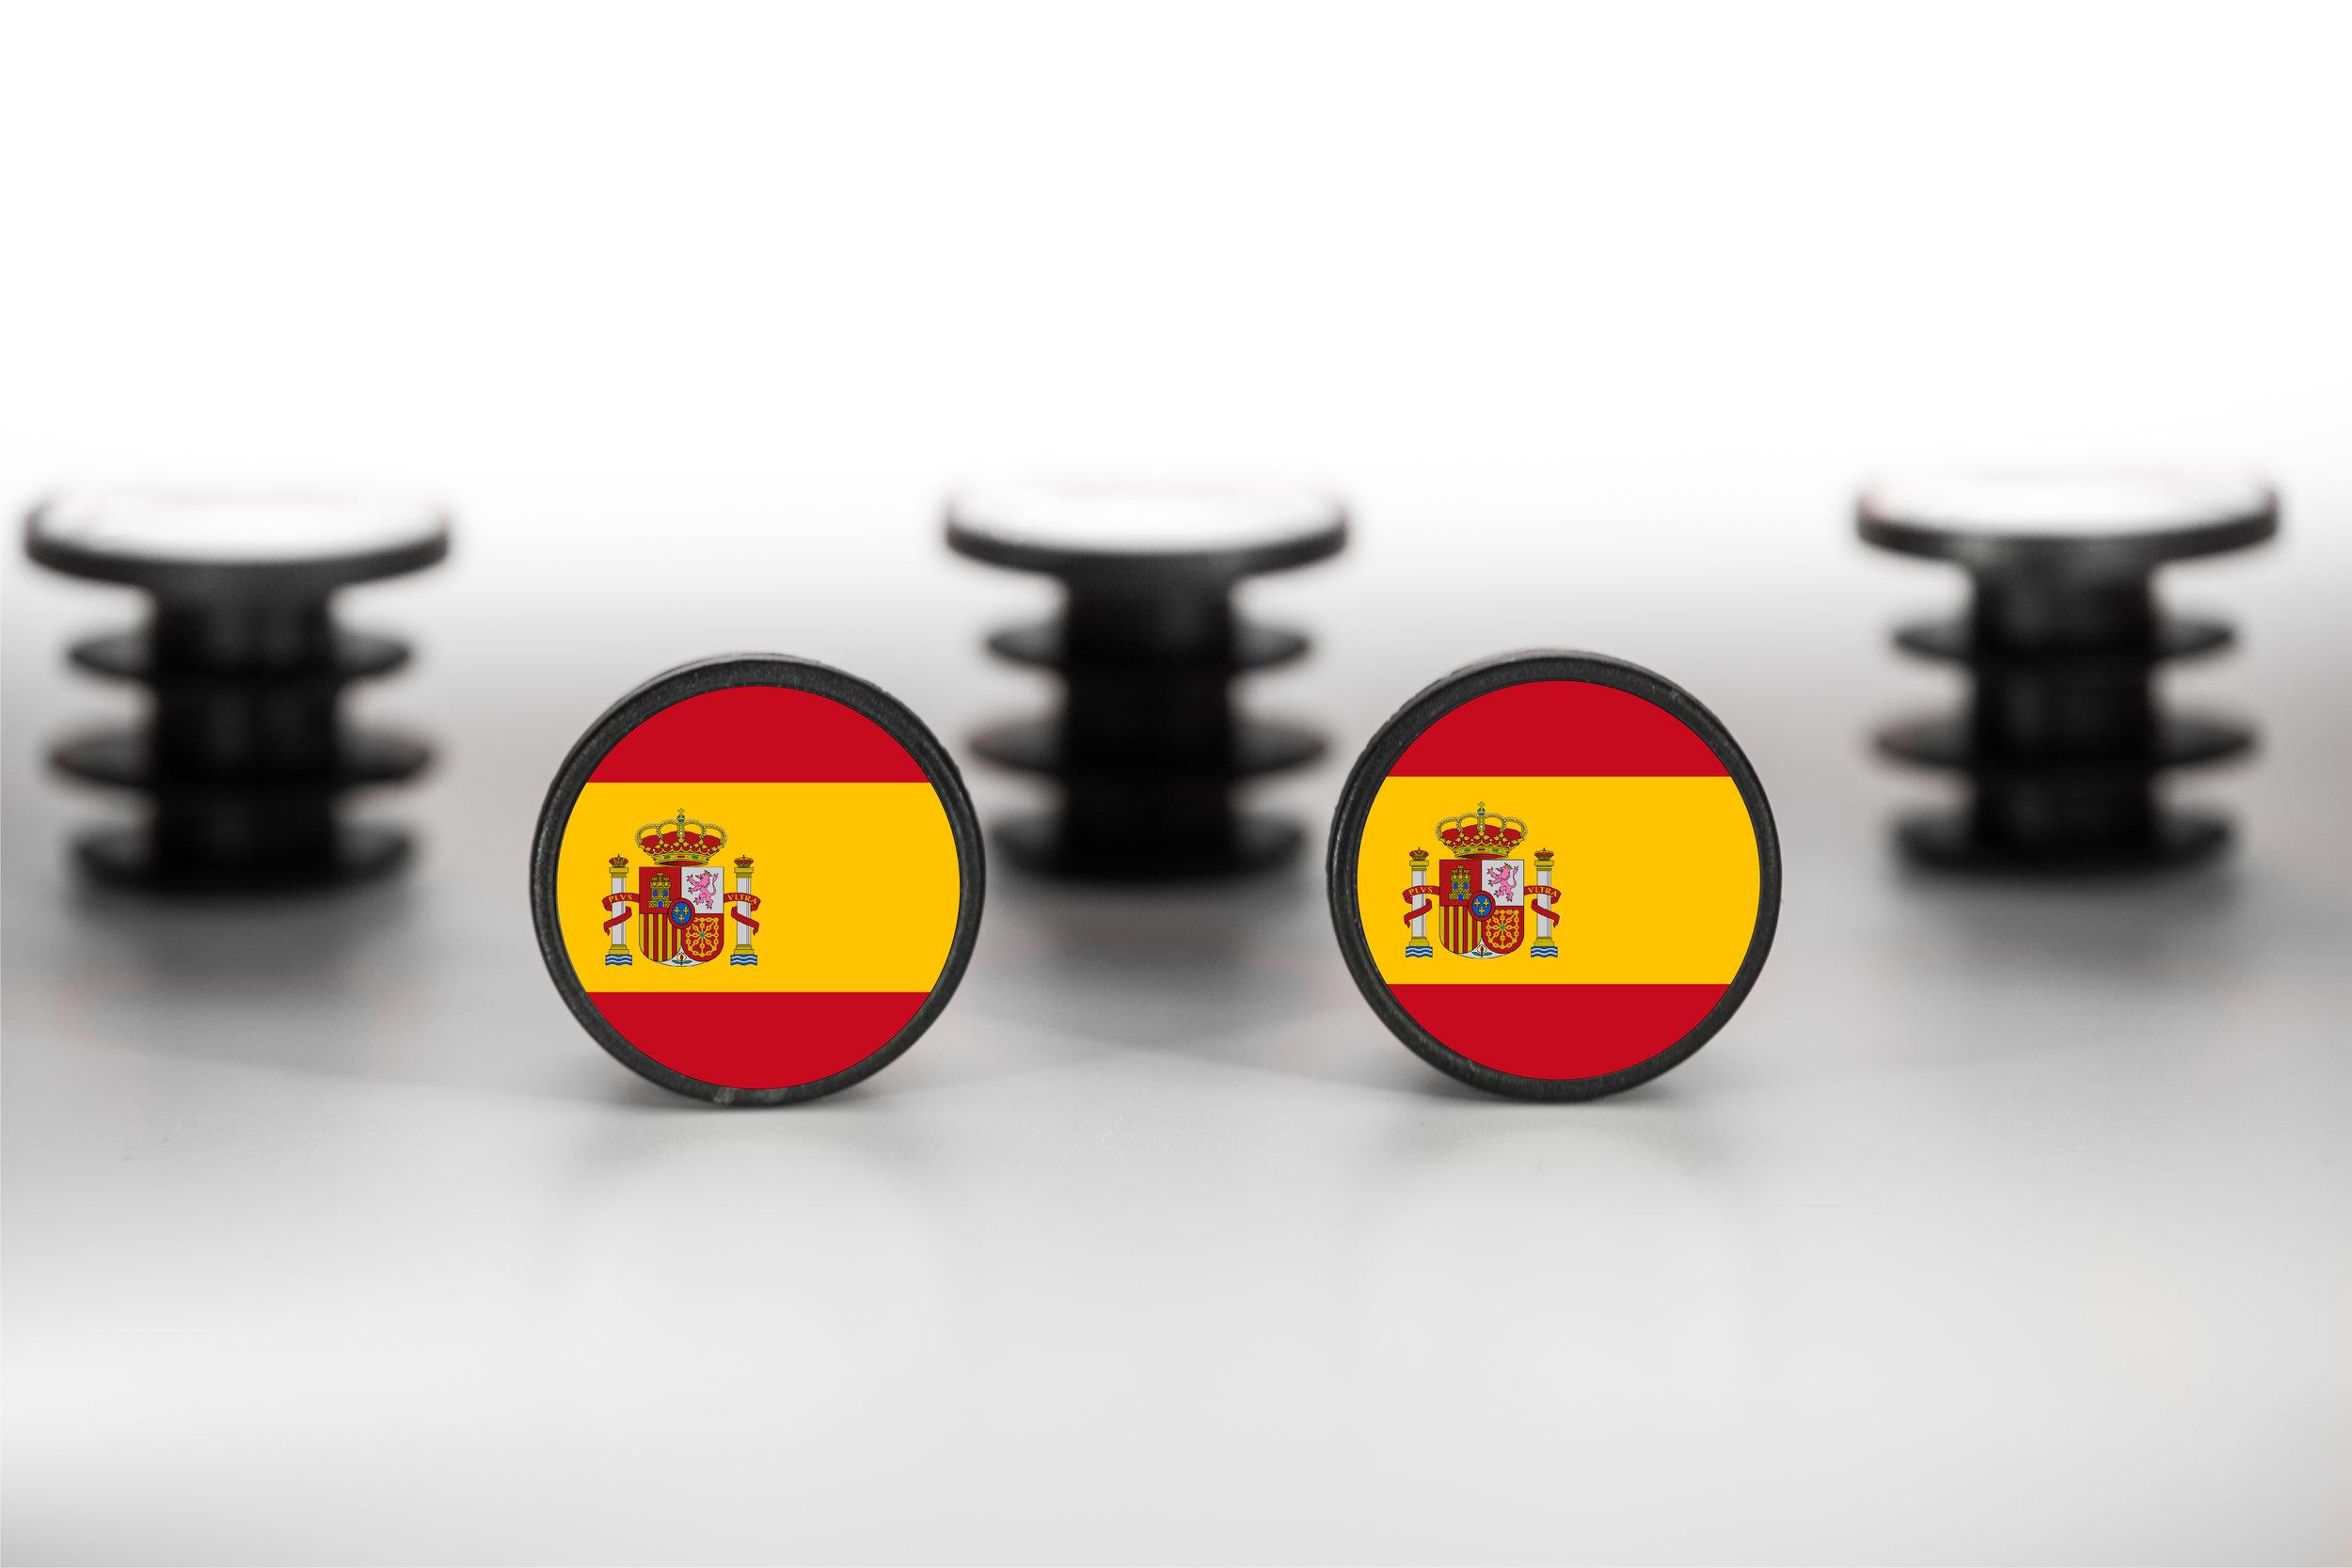 Spain Plug - Um auch für die Radsportnation-Spanien das optimale in unserem Sortiment anbieten zu können